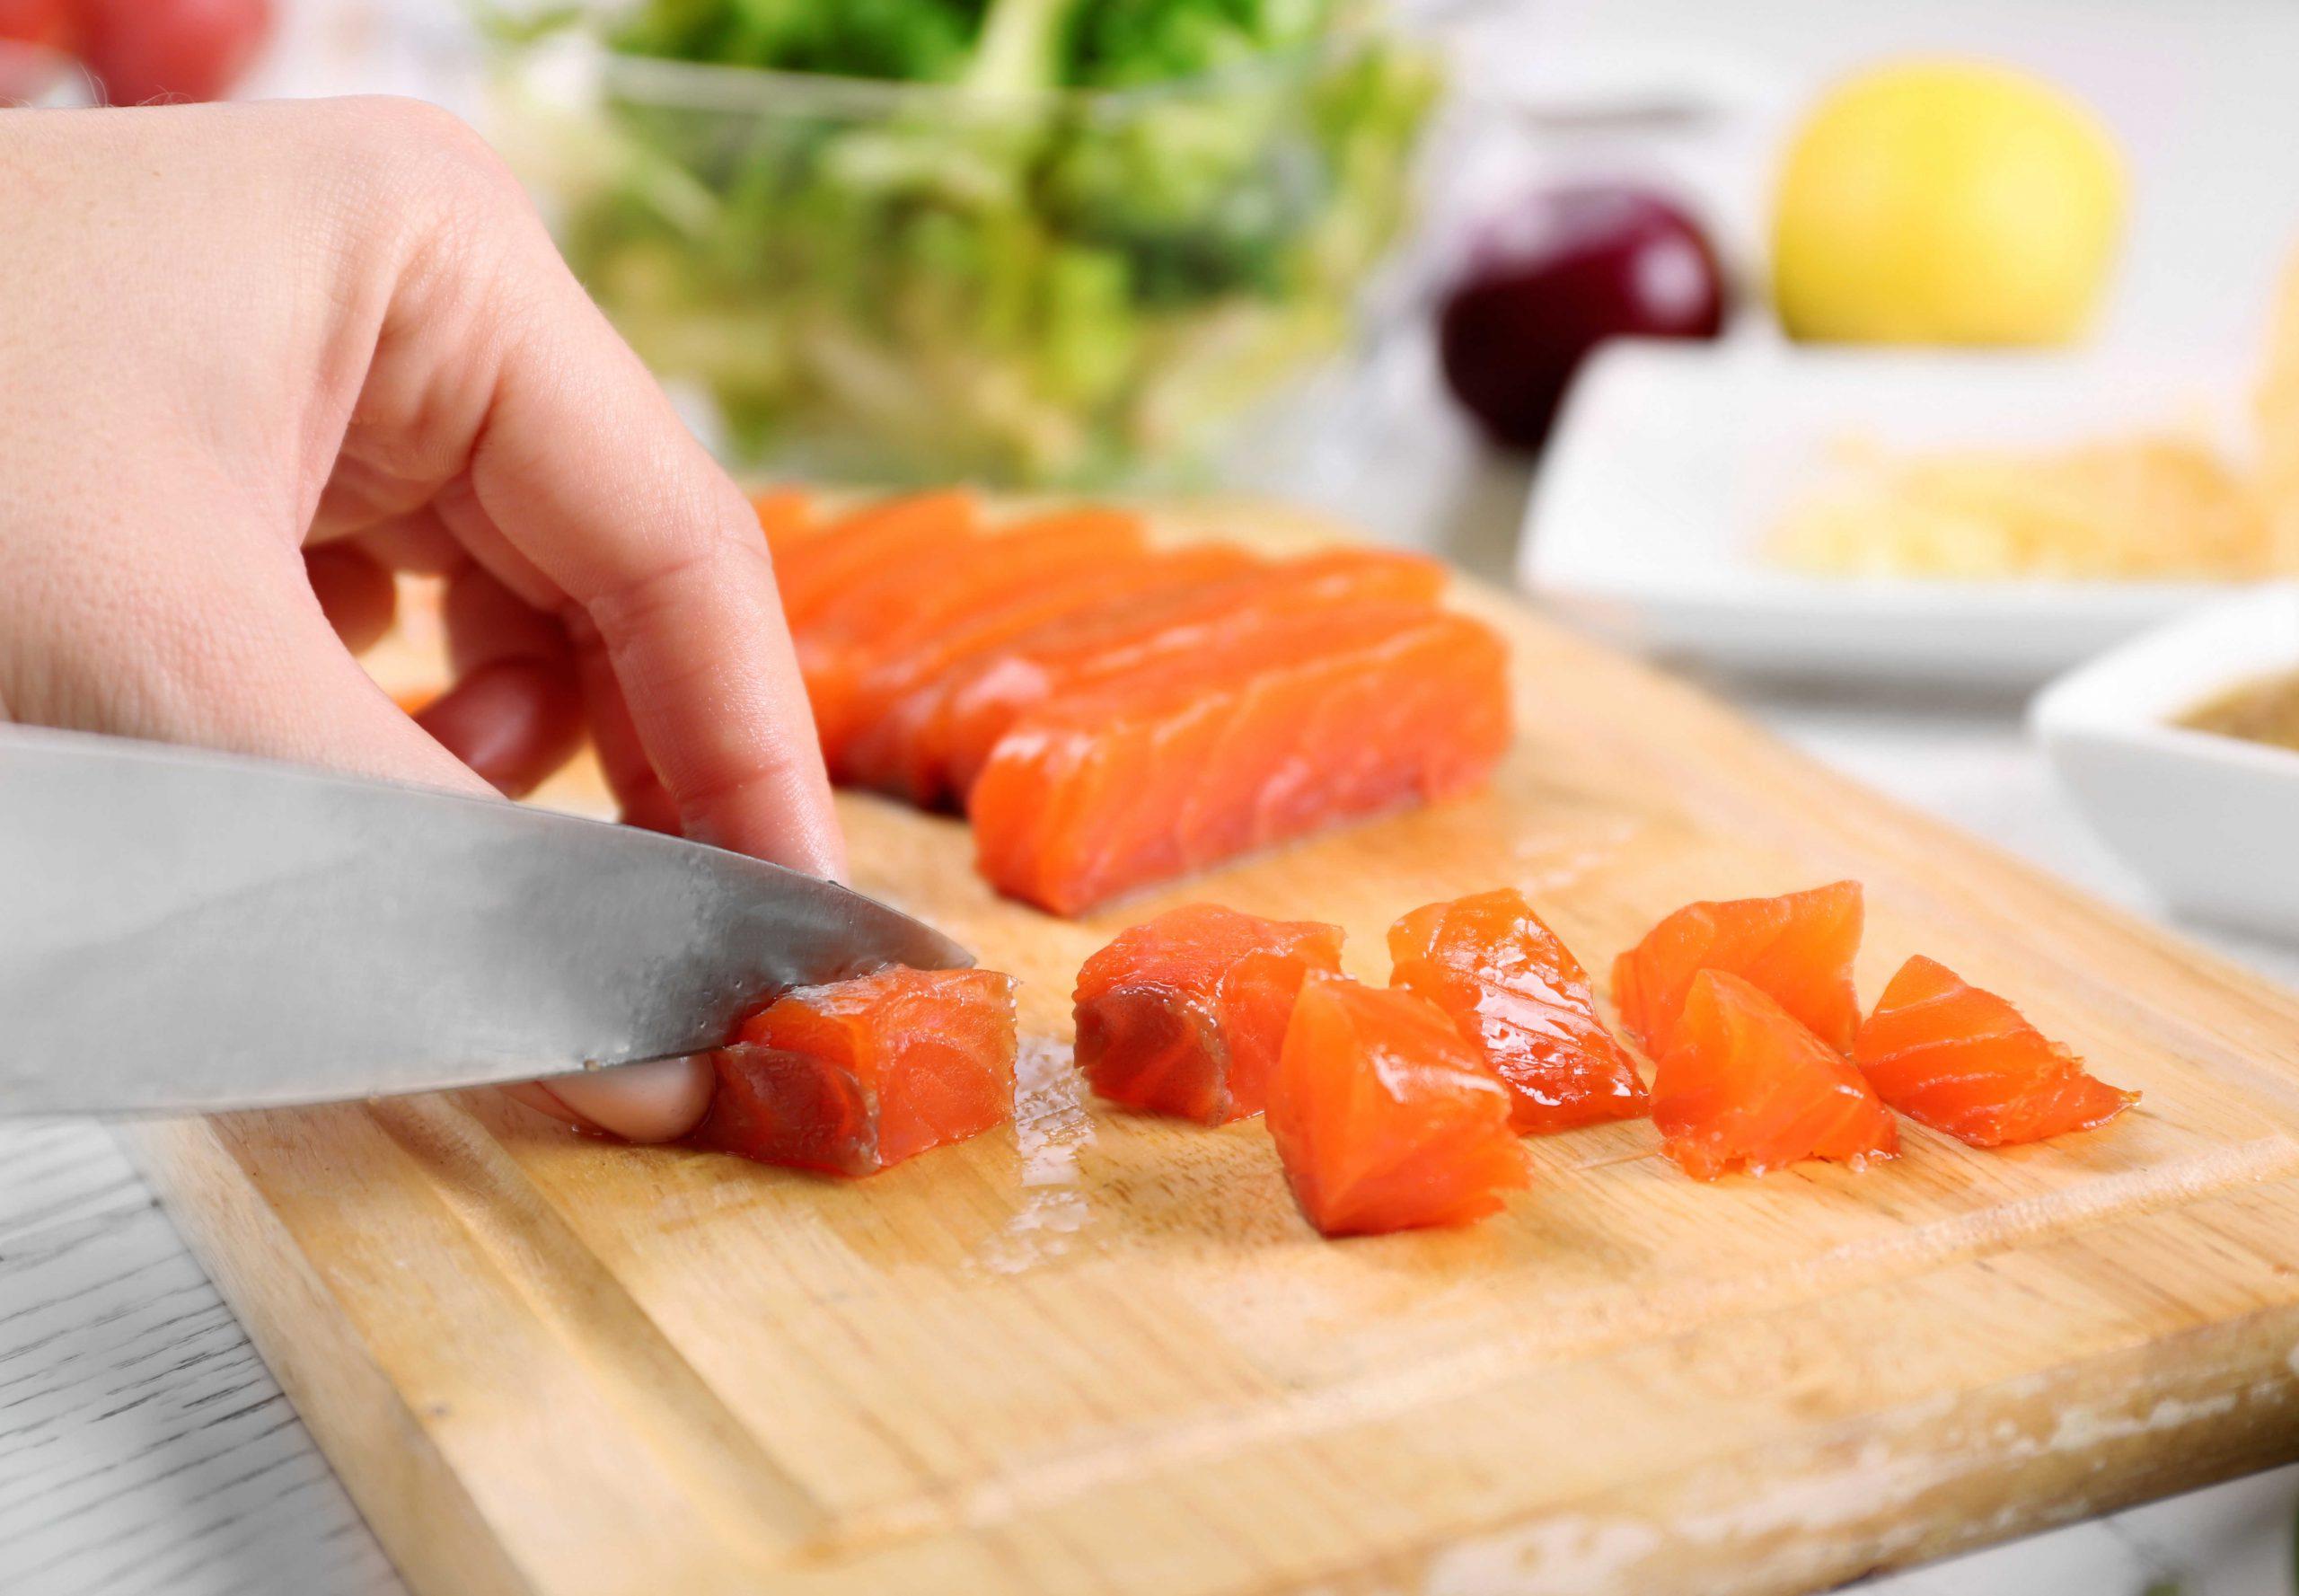 Tuỳ vào từng giai đoạn ăn dặm và độ tuổi của trẻ, mẹ lựa chọn cách cắt thực phẩm phù hợp cho bé nhé